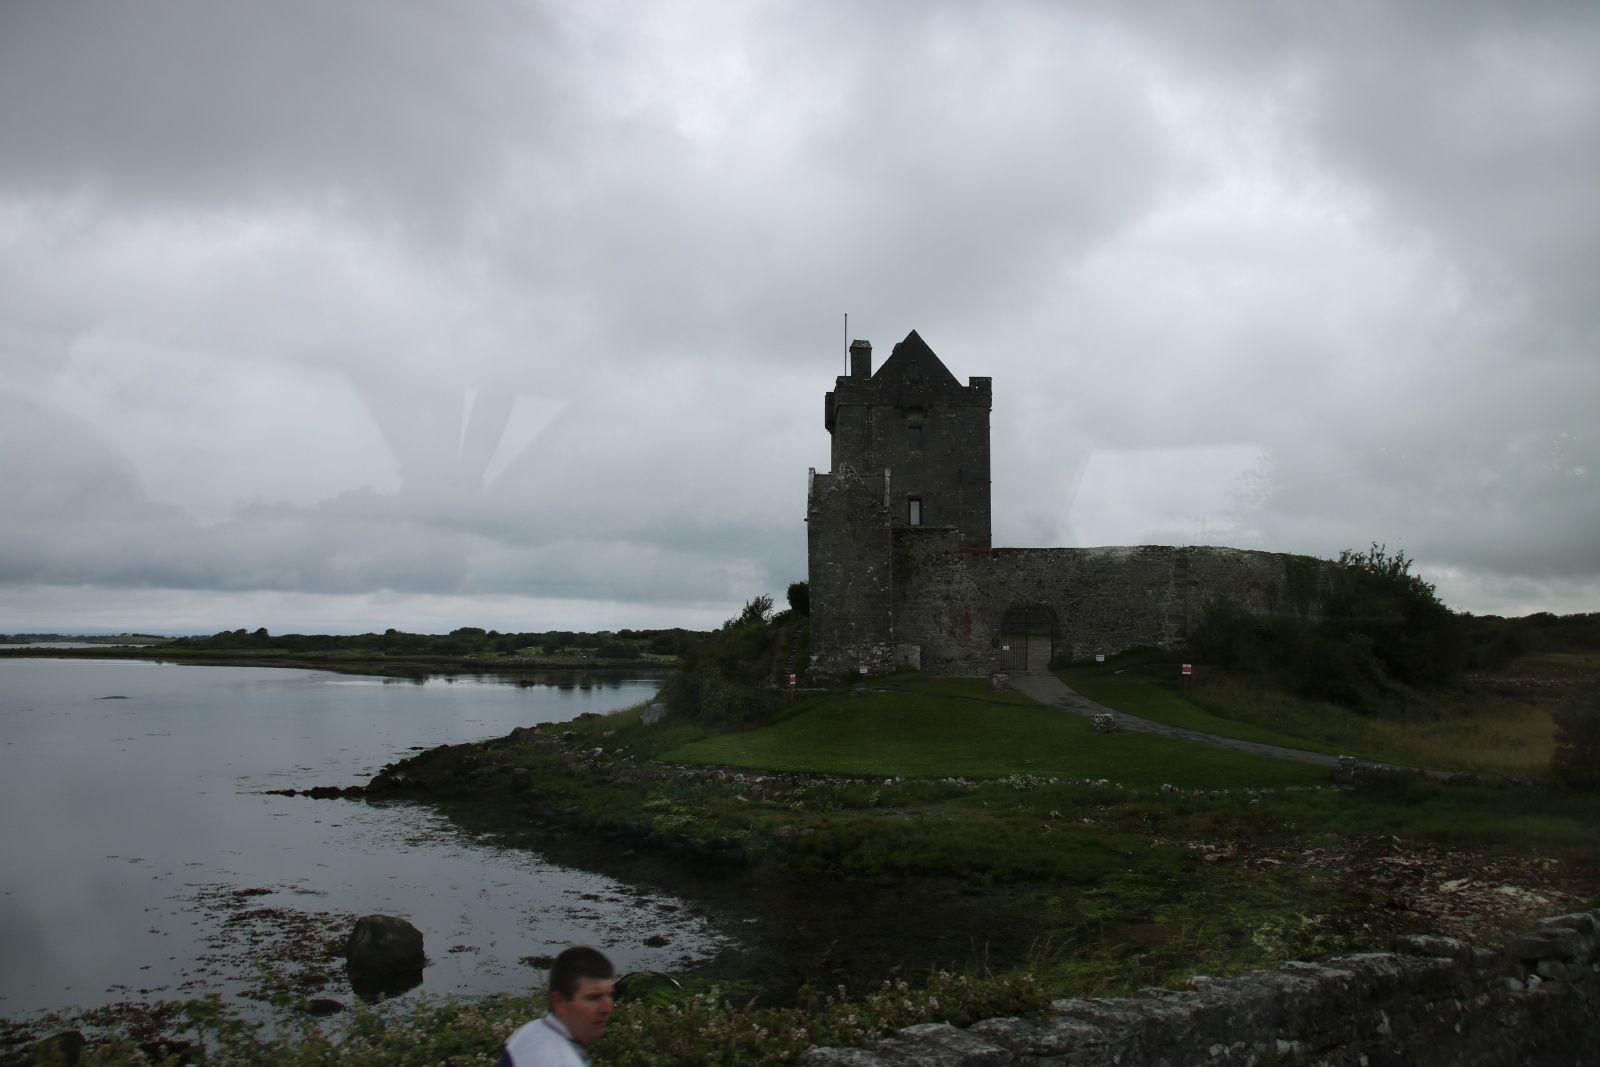 irland_17_010.jpg